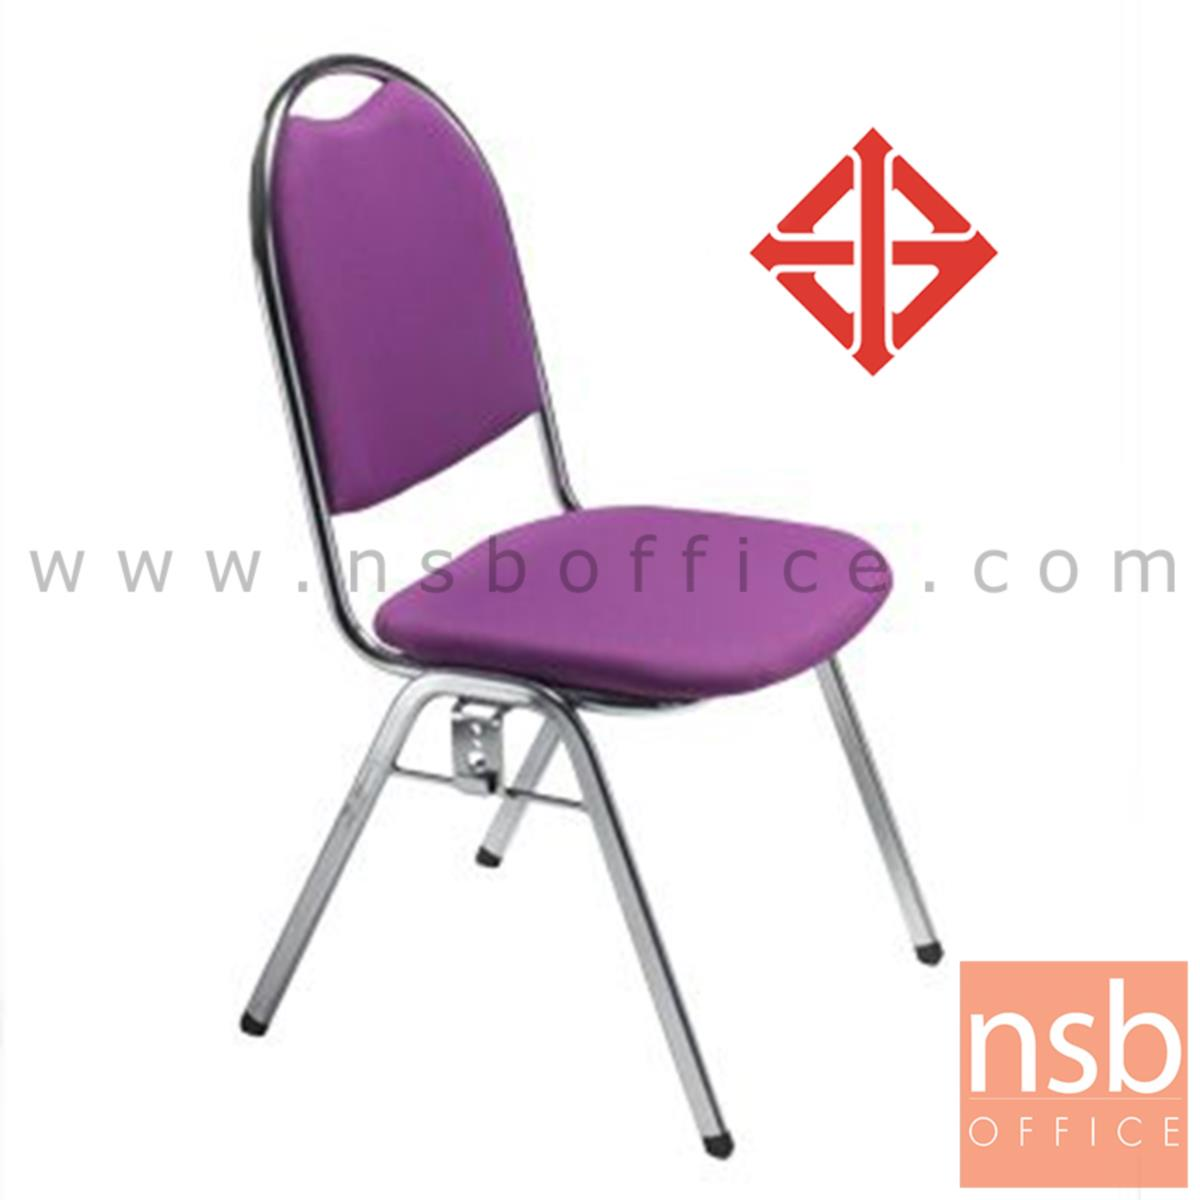 B08A080:เก้าอี้อเนกประสงค์จัดเลี้ยง  รุ่น LKC-128  ขาเหล็กชุบโครเมี่ยม